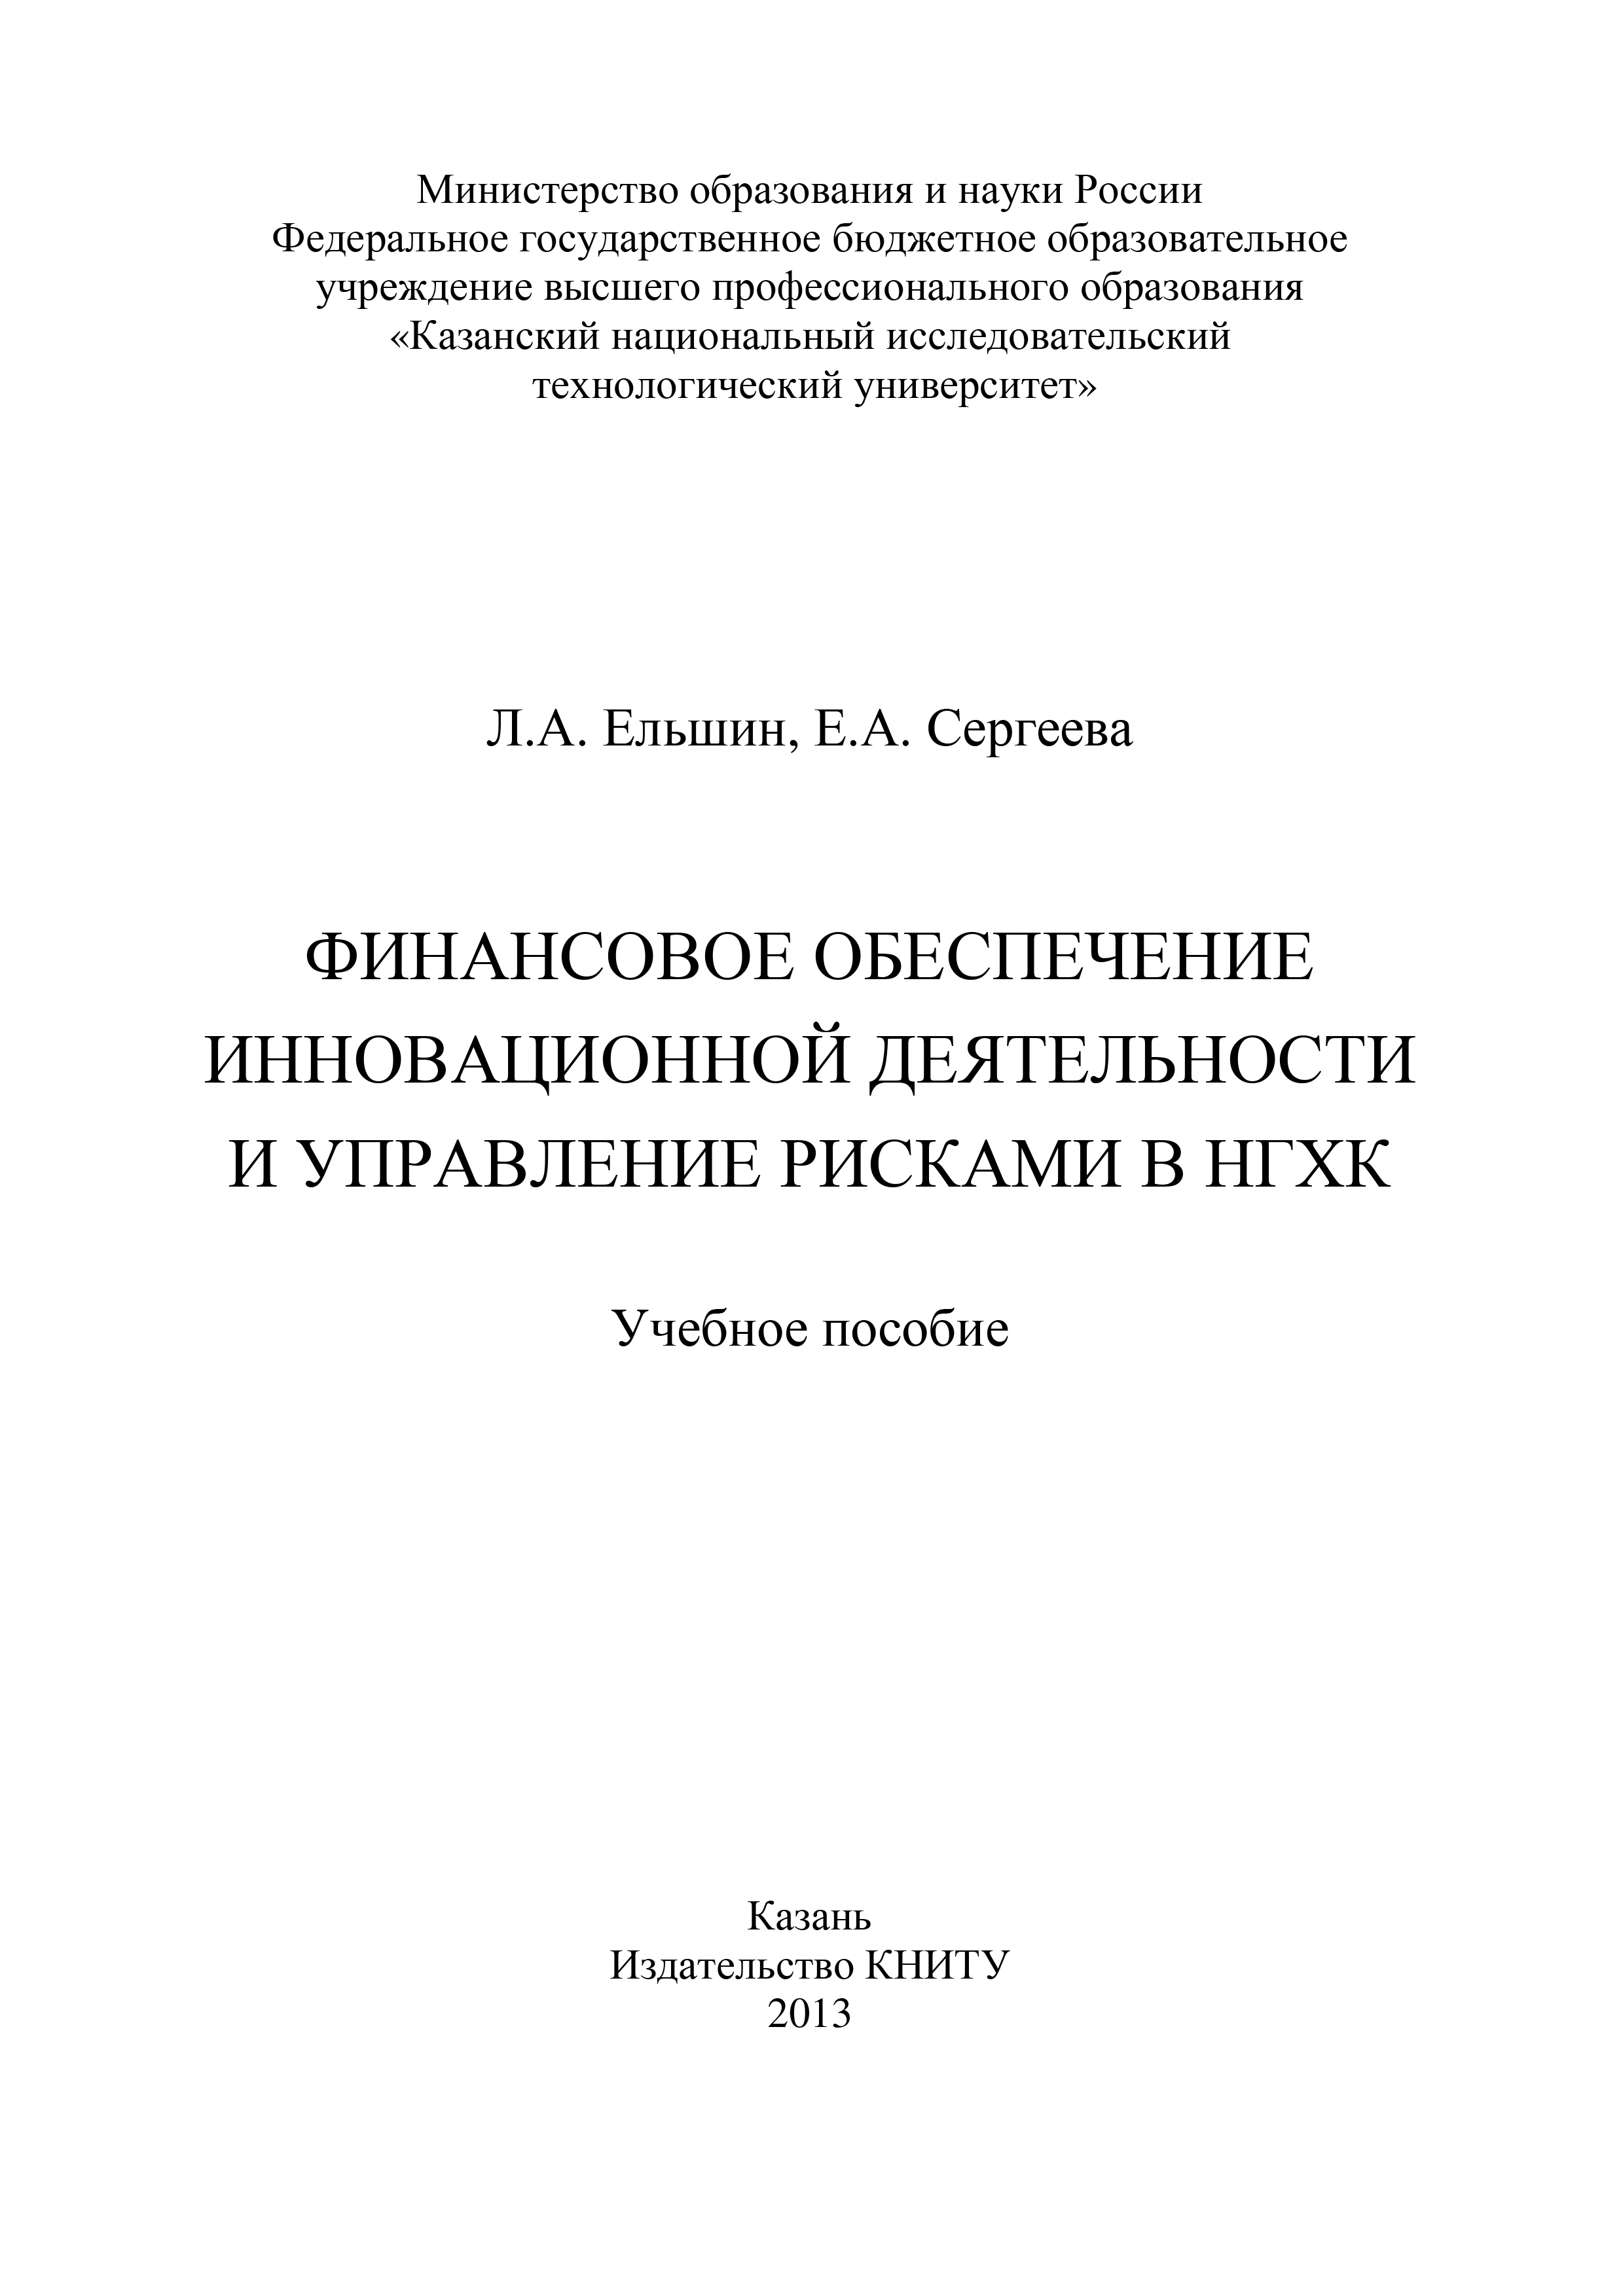 Л. Ельшин Финансовое обеспечение инновационной деятельности и управление рисками в НГХК недорого